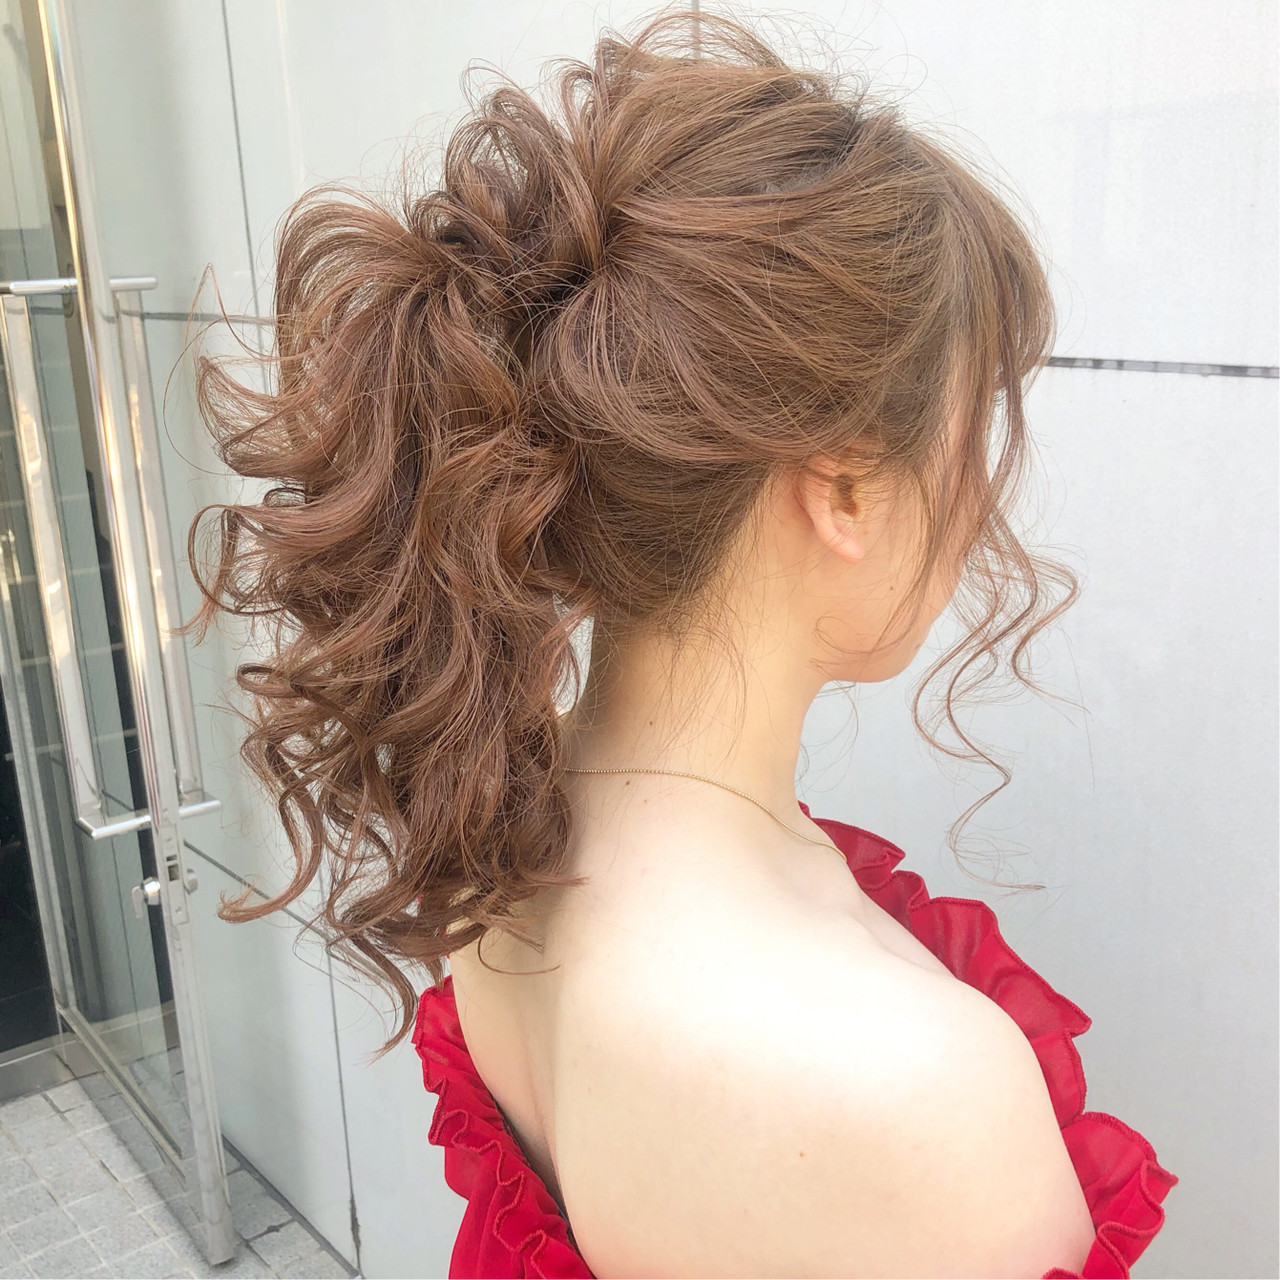 結婚式 ナチュラル セミロング ヘアアレンジ ヘアスタイルや髪型の写真・画像   『ボブ美容師』永田邦彦 表参道 / send by HAIR